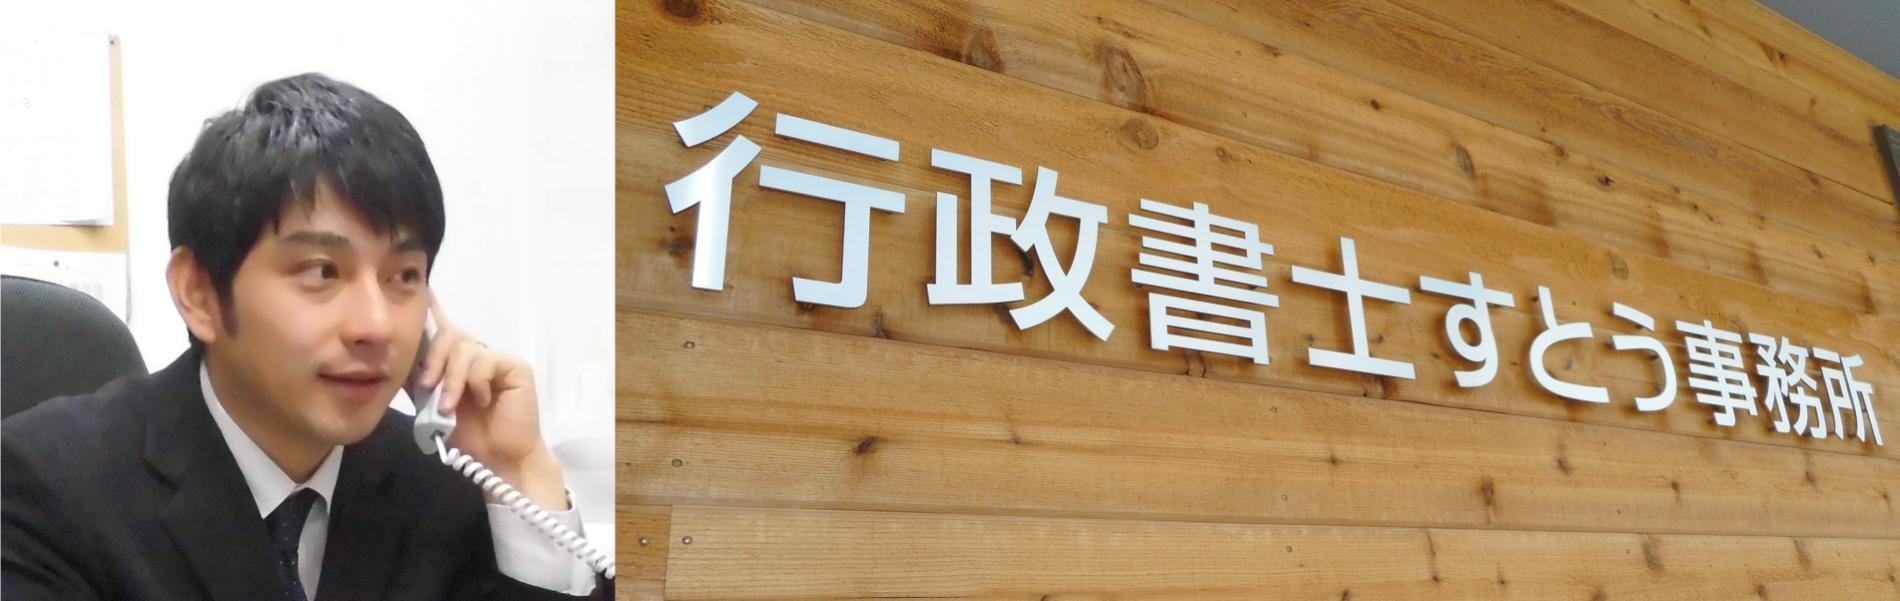 行政書士すとう事務所は青森を中心に建設業許可から経営事項審査(経審)入札指名願までしっかりサポート致します!